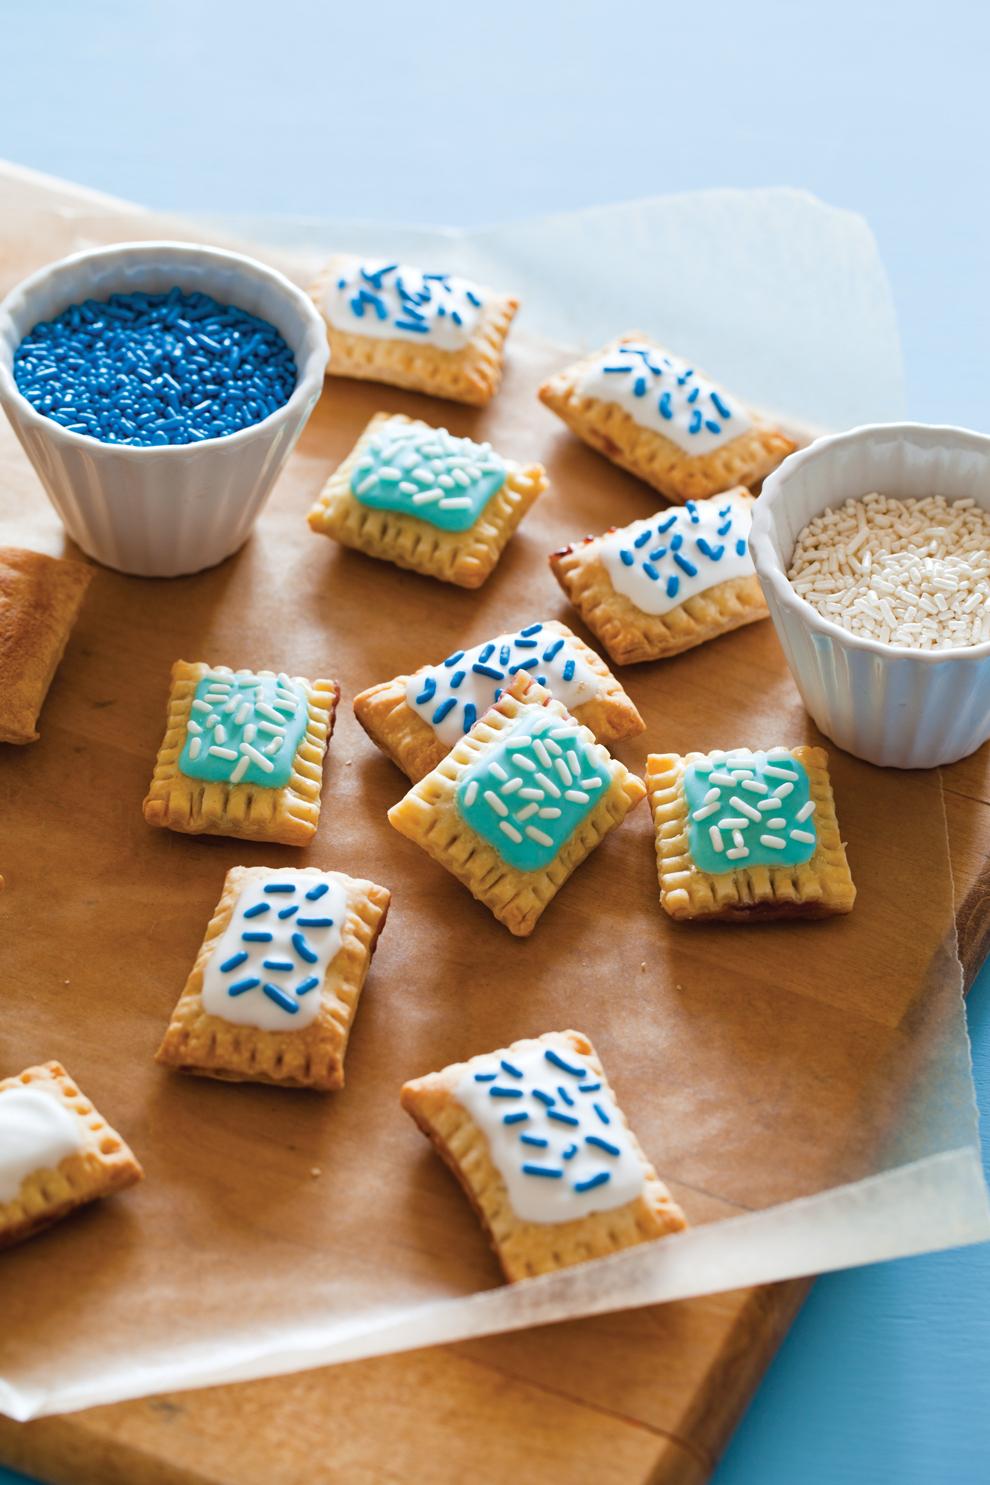 frites & fries – Want: Tiny Pop Tarts